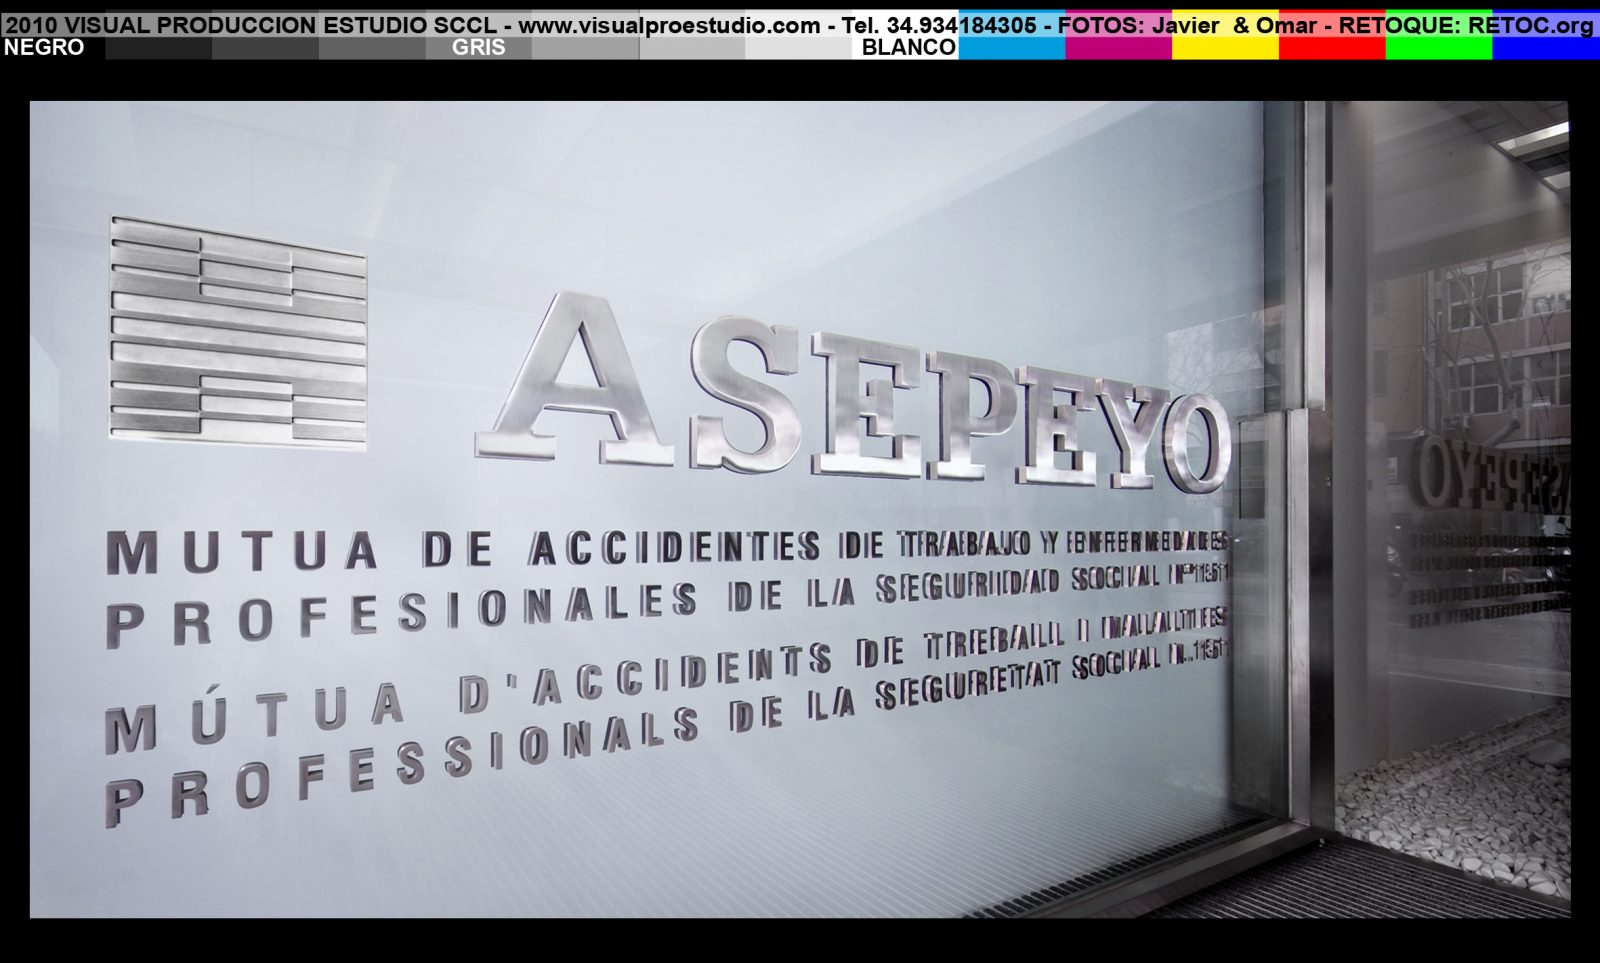 Entrevista al Dr. Fco. Javier López Cantó Director sanitario territorial de Asepeyo en la Comunidad Valenciana